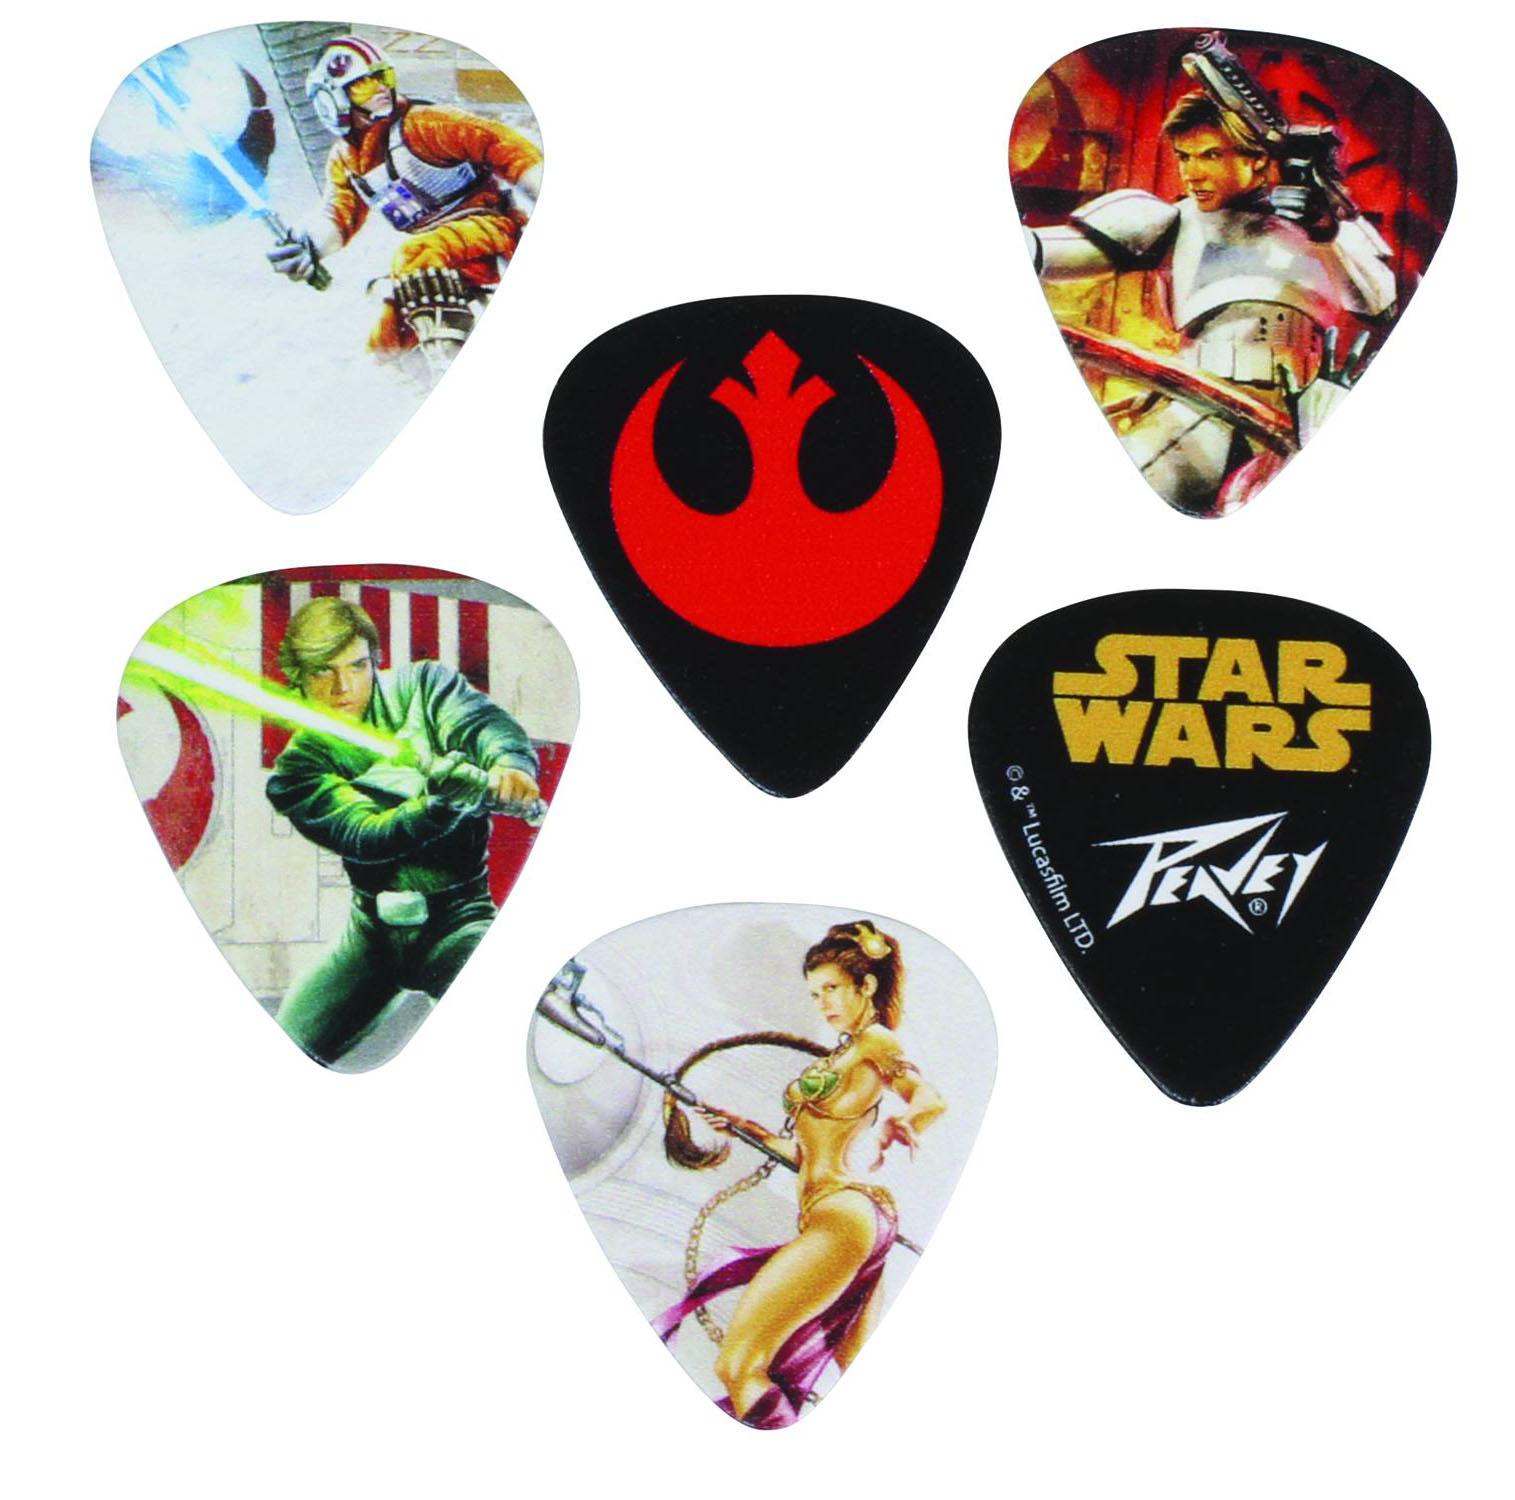 Star Wars Light Side Guitar Pick 12 Pack